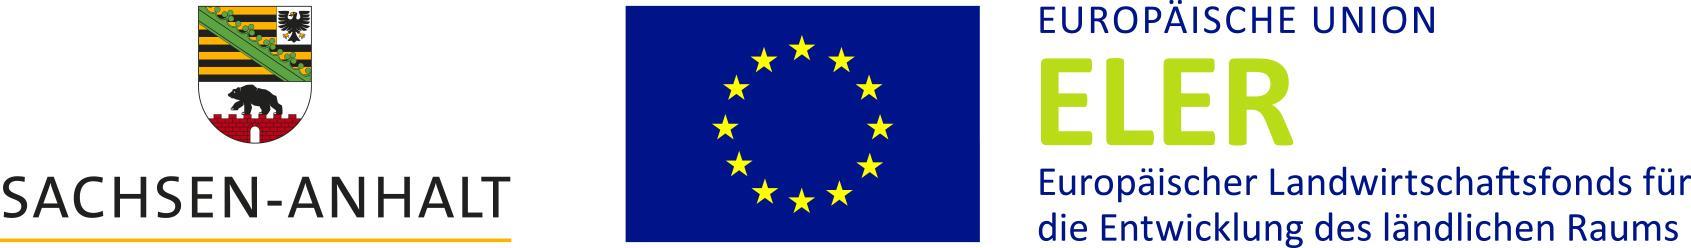 Signet-Paar mit Landessignet, Unionslogo und ESIF-Logo